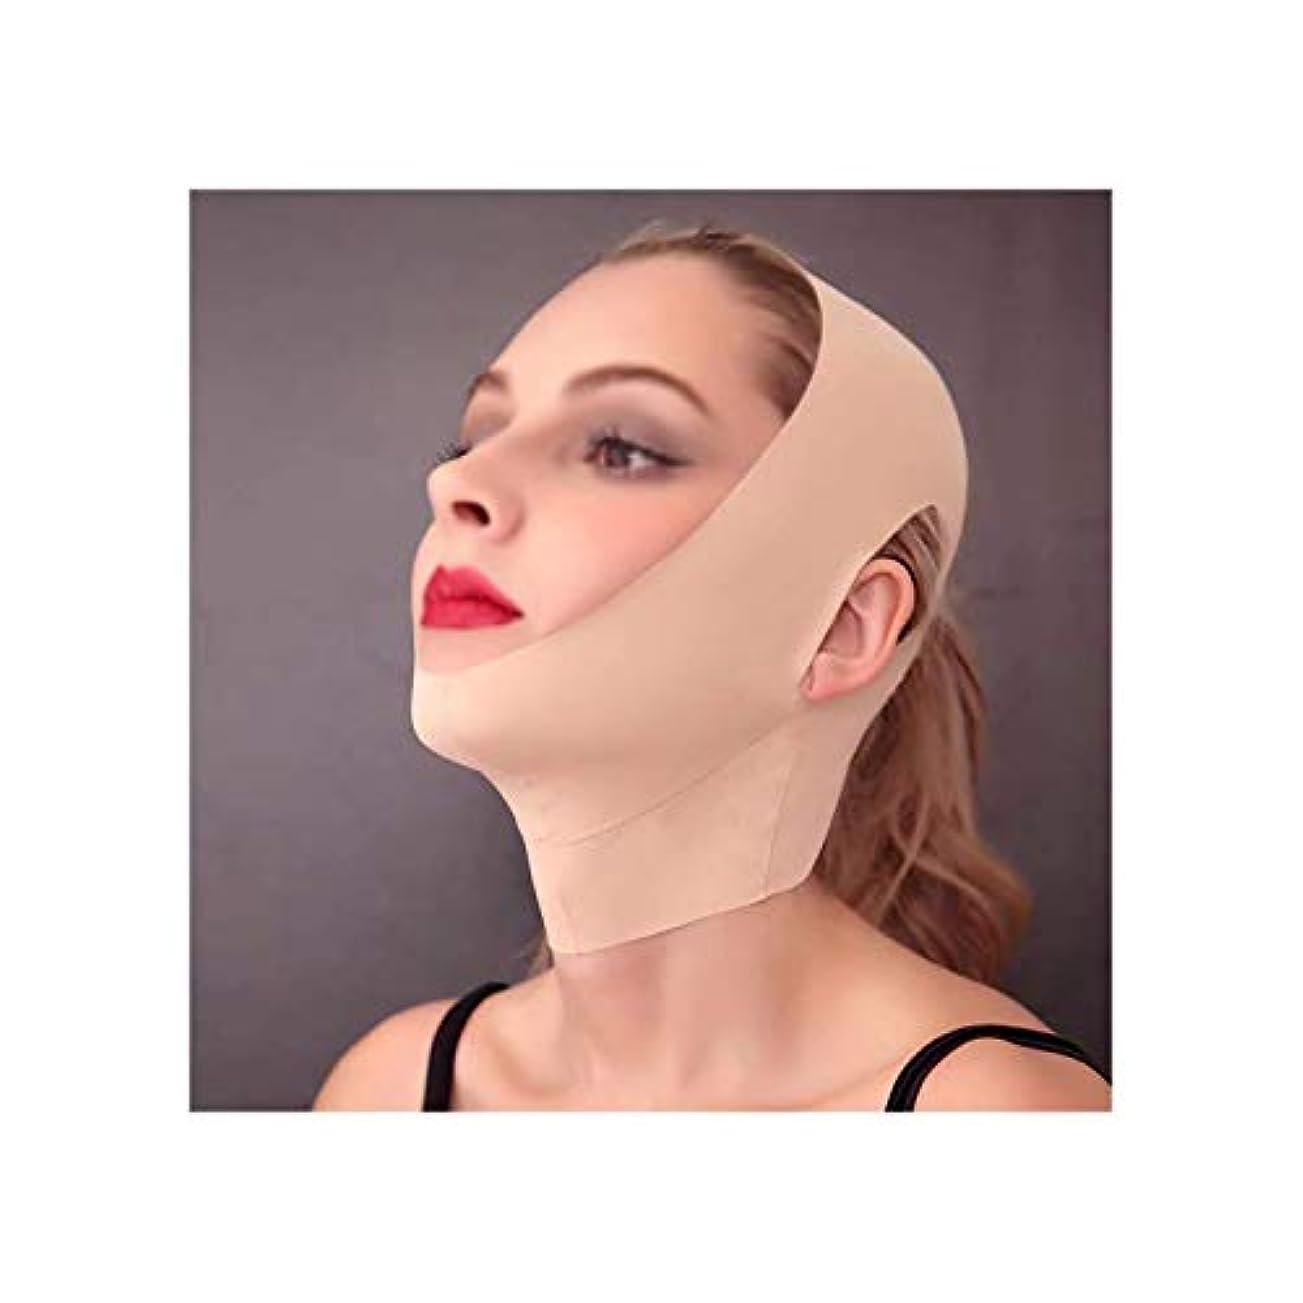 フクロウインテリア結論フェイシャルマスク、フェイスリフティングアーティファクト女性男性の睡眠顔Vフェイス包帯マスクリフティングフェイス補正引き締め顔に二重あご痩身ベルト